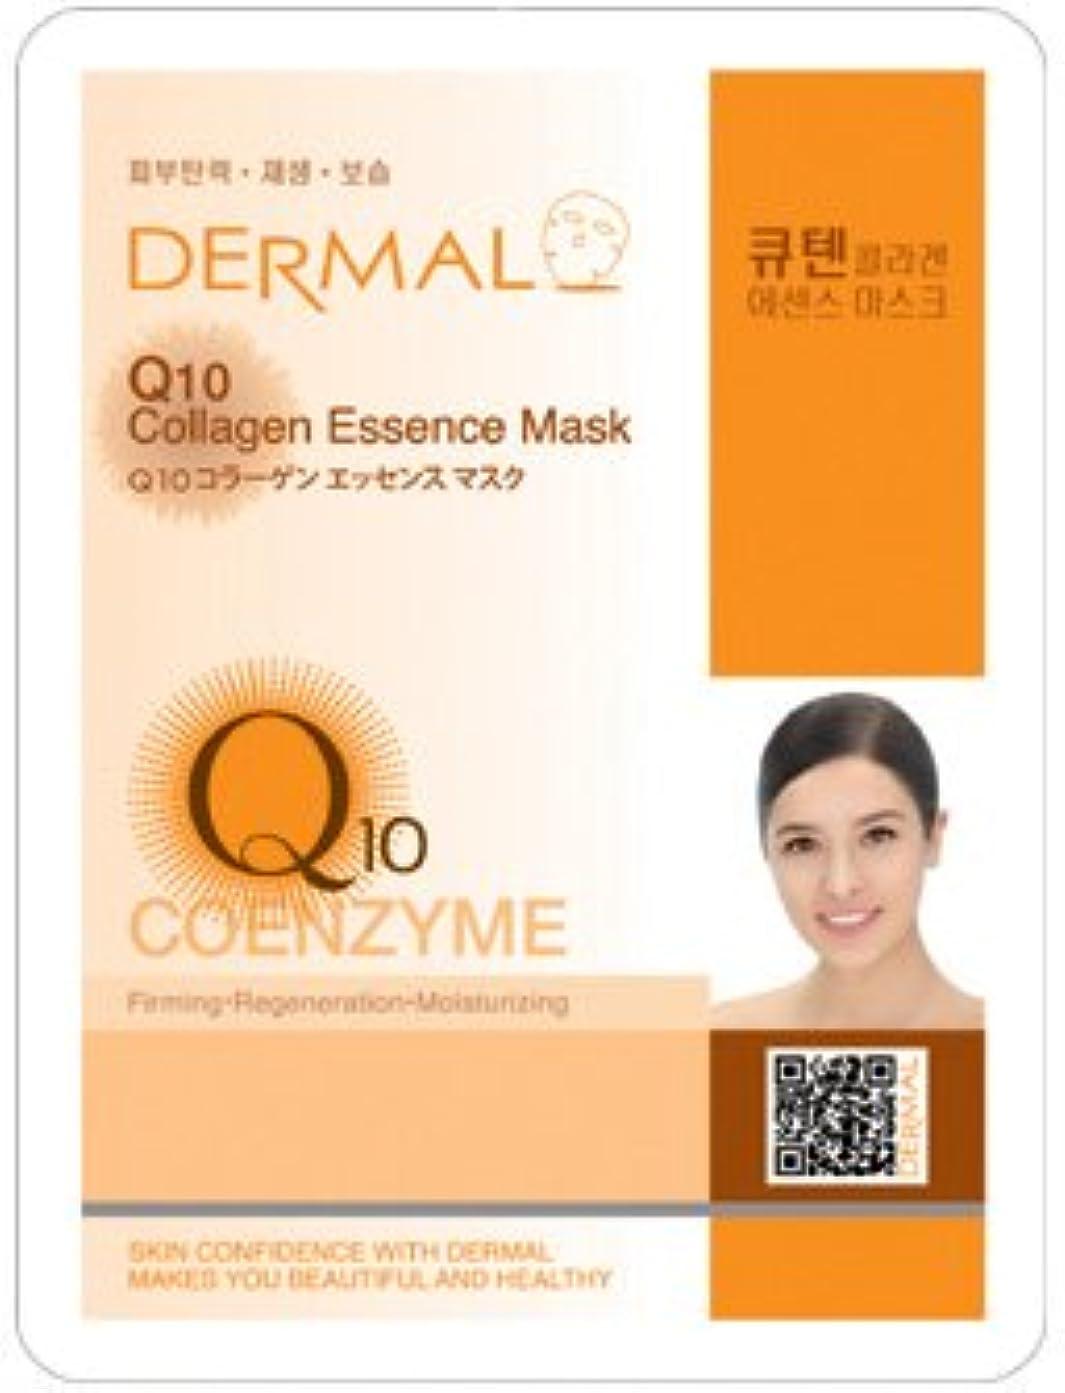 足音振り返るエピソードシートマスク Q10 コエンザイム 10枚セット ダーマル(Dermal) フェイス パック